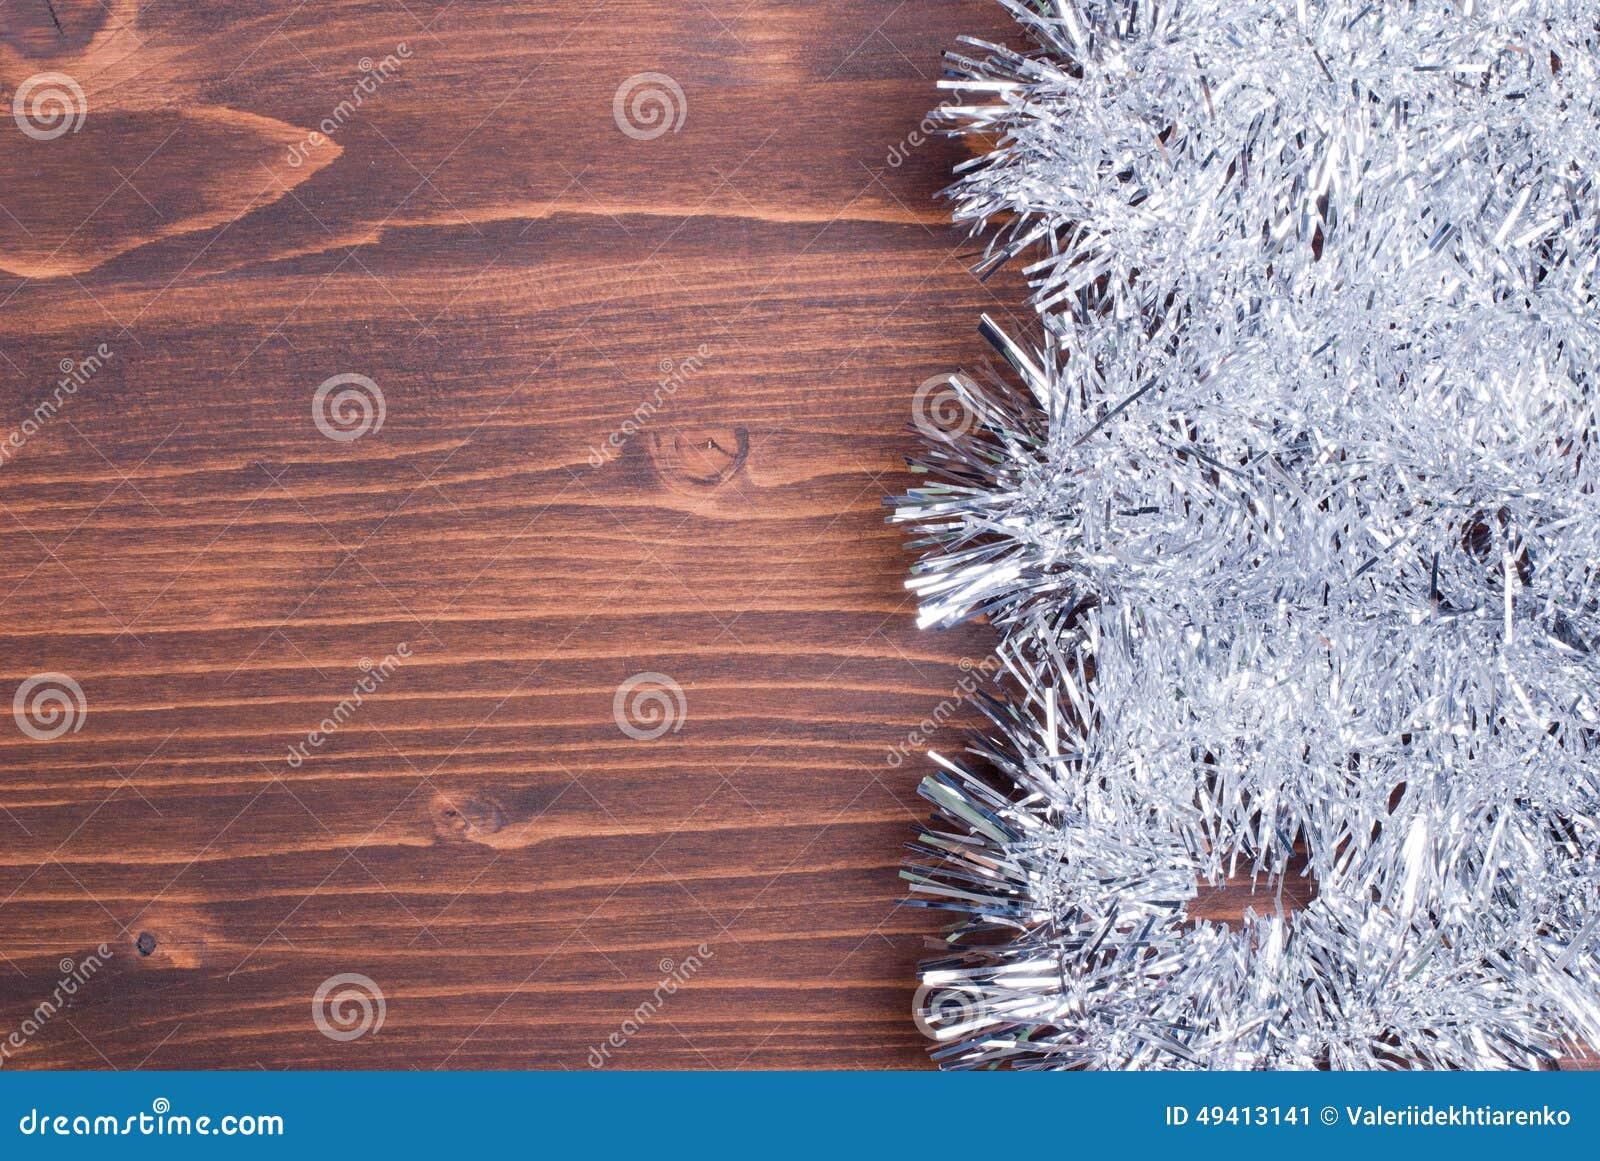 Download Farbige Weihnachtslichter Auf Einer Farbe Maserten Brett Gelassenen Raum FO Stockbild - Bild von grün, girlande: 49413141